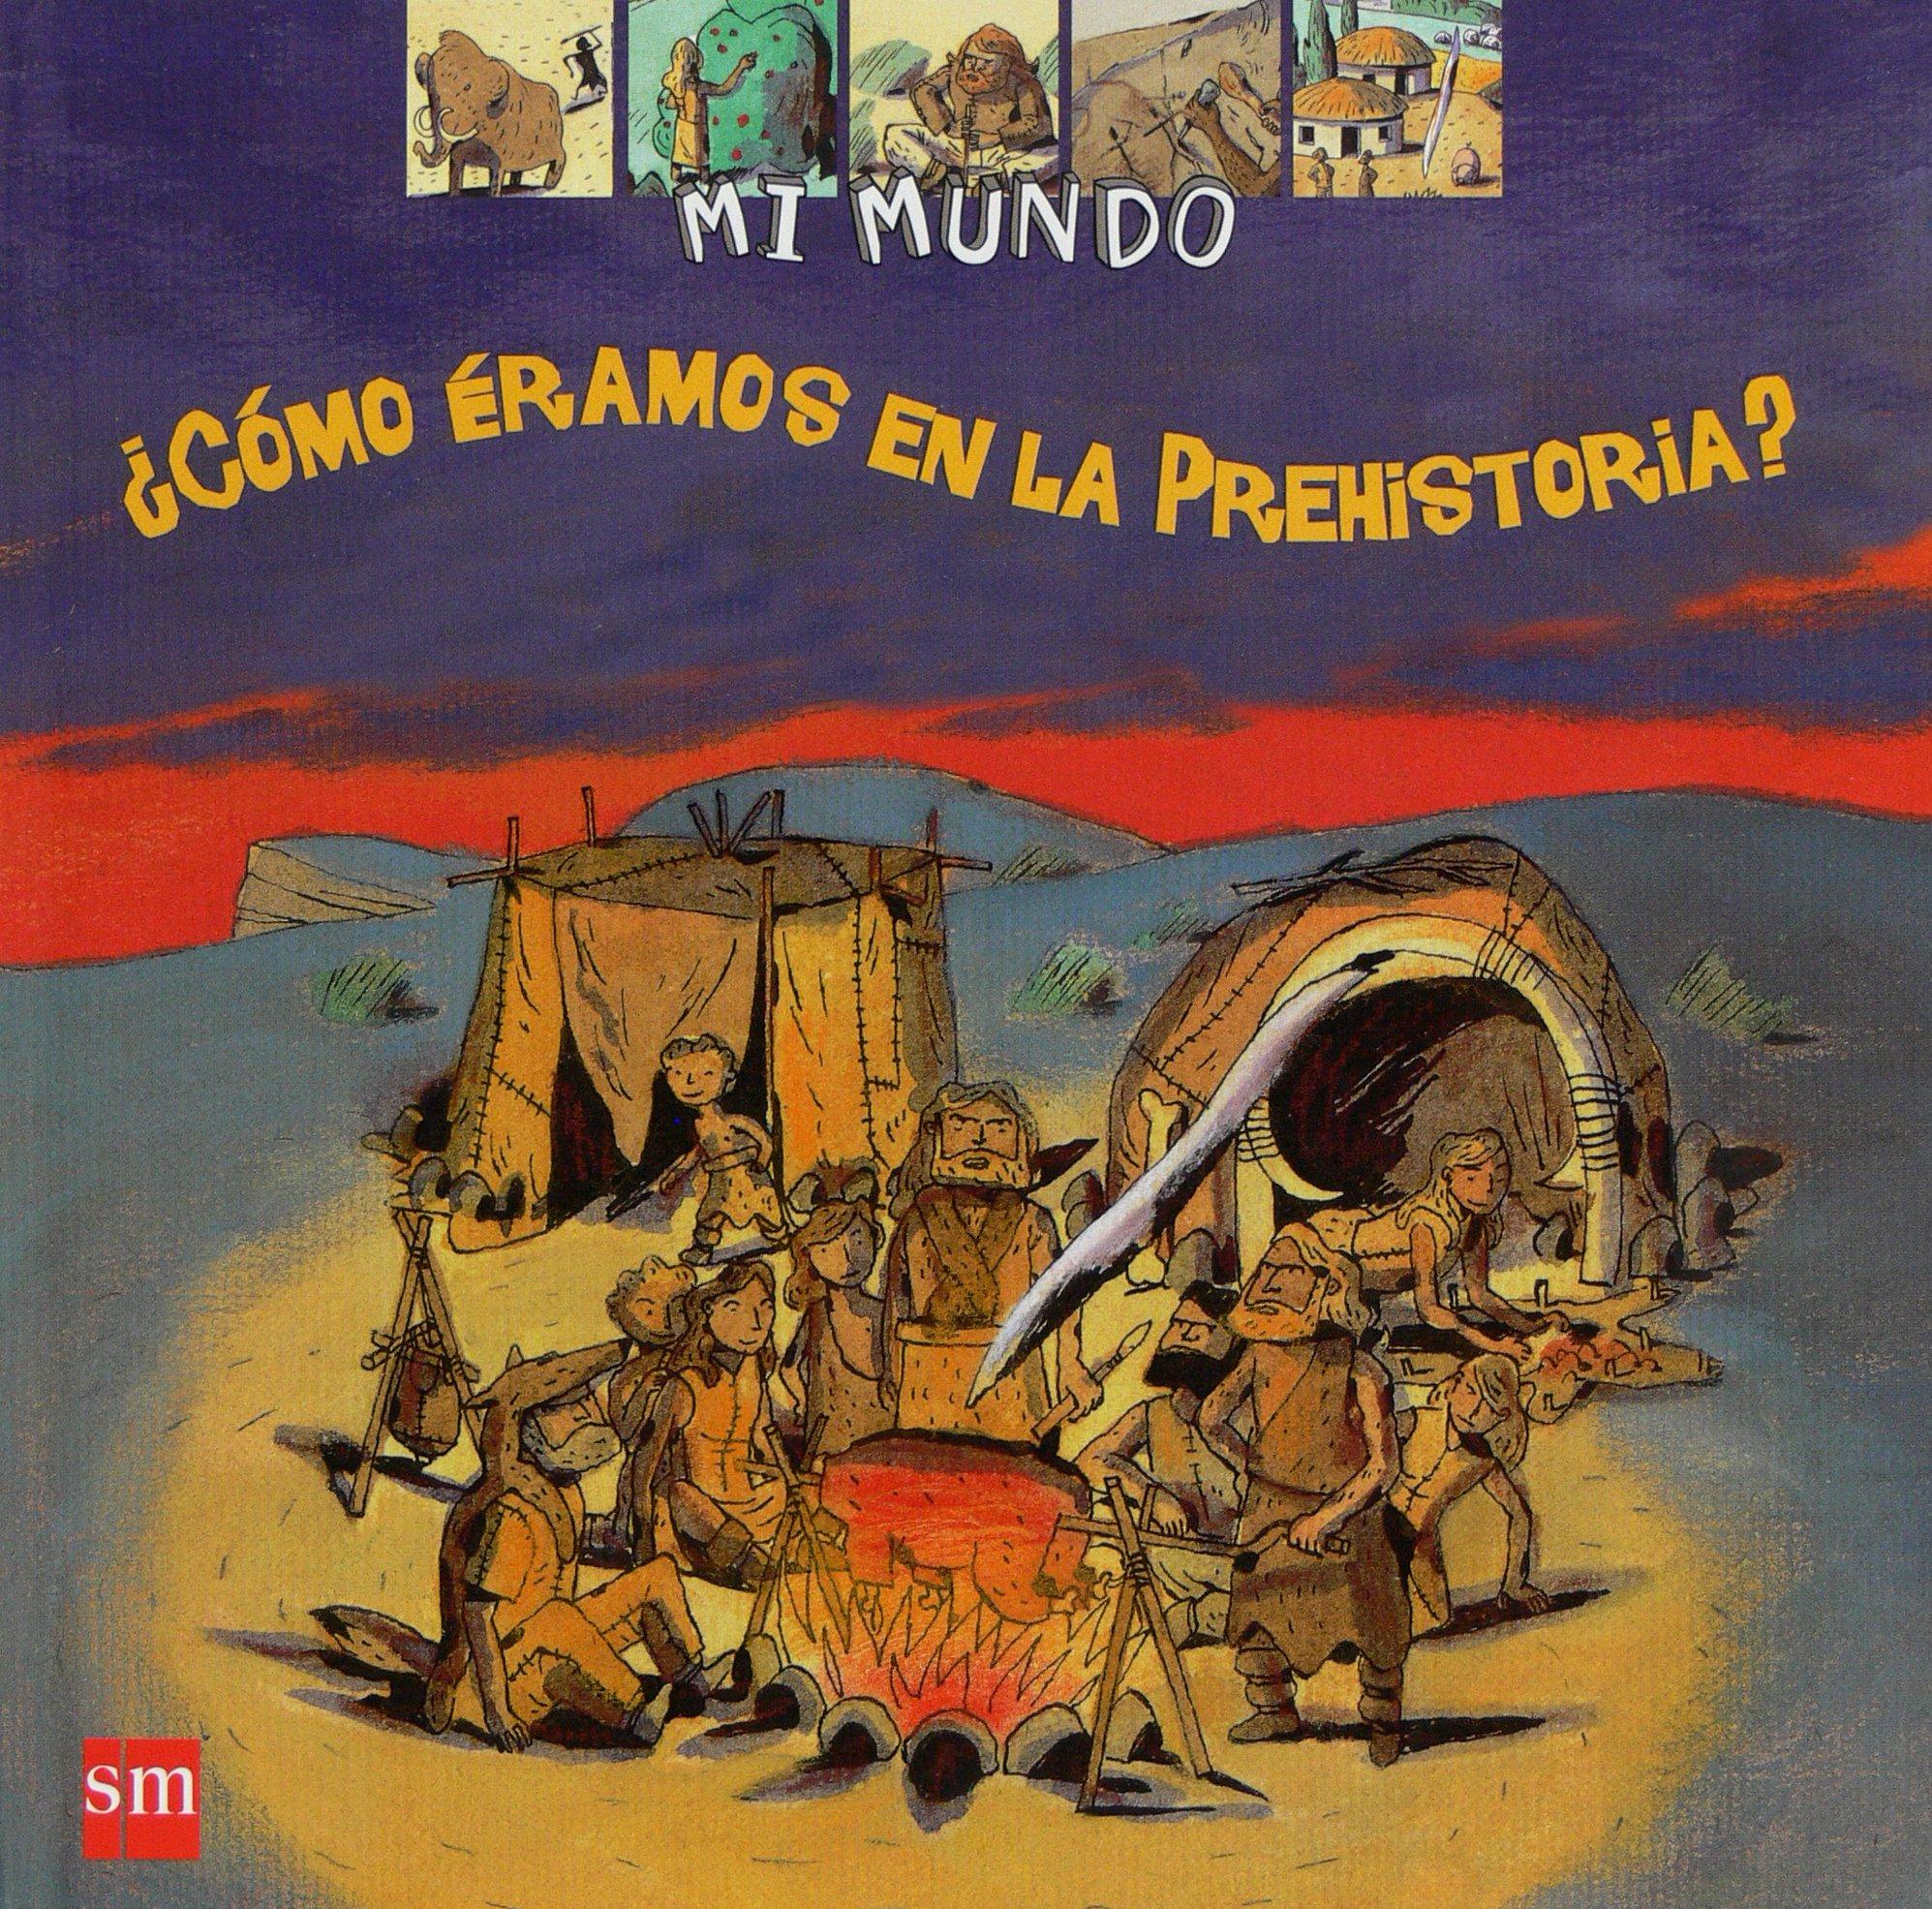 Cómo éramos en la Prehistoria? (Mi mundo): Amazon.es: Joly, Dominique, Merlin, Christophe, Mignon, Philippe, Eydoux, Anne, Arroyo Macarro, Margarita: Libros